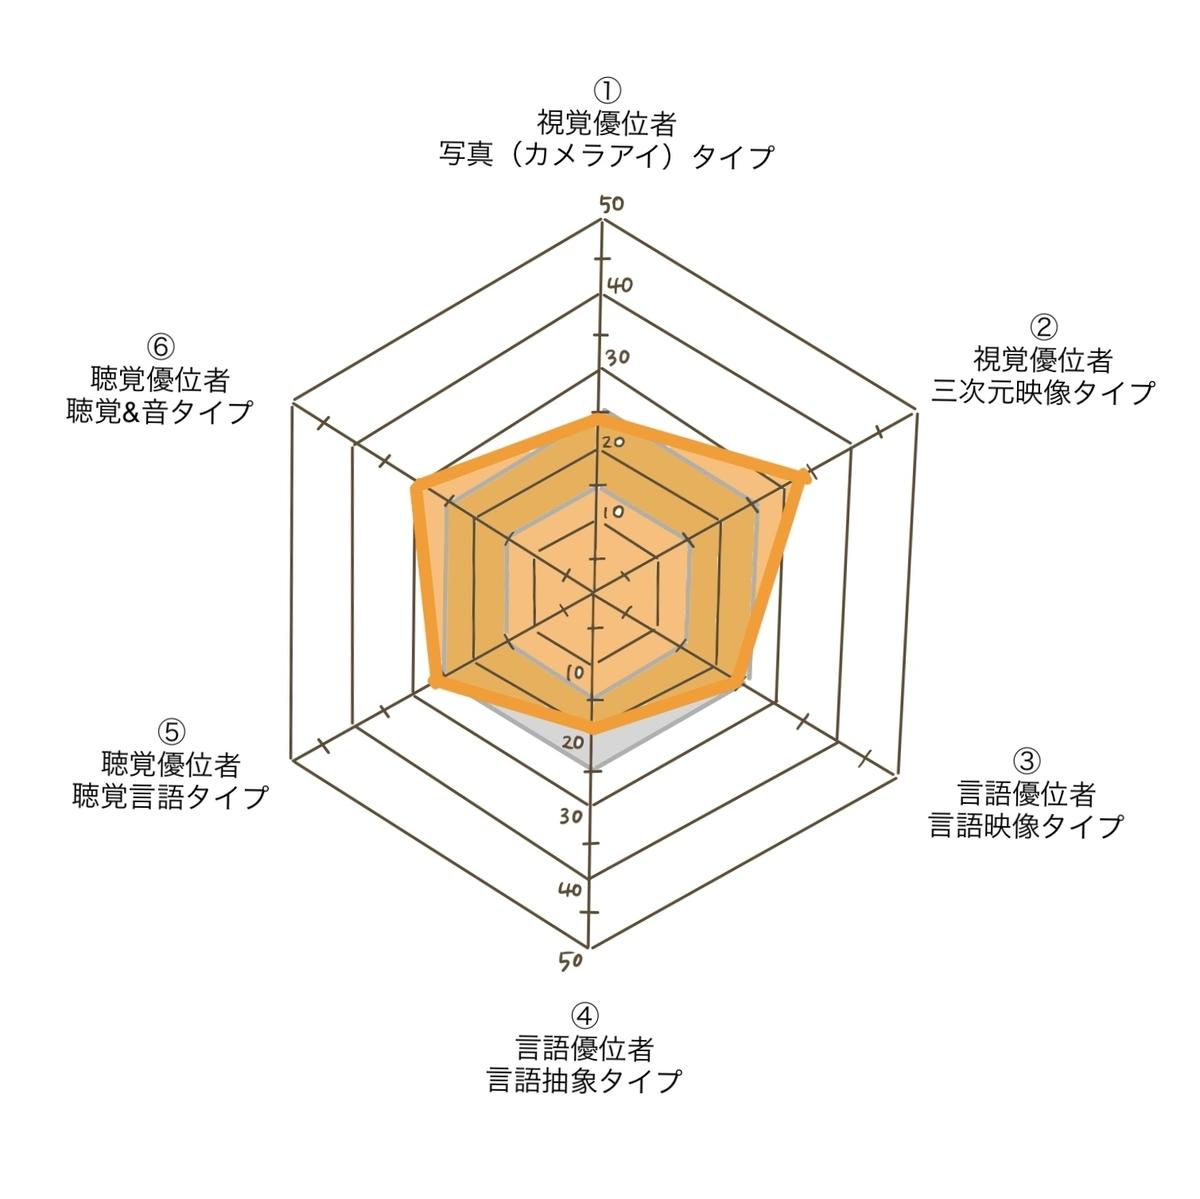 f:id:hirozacchi:20190325220736j:plain